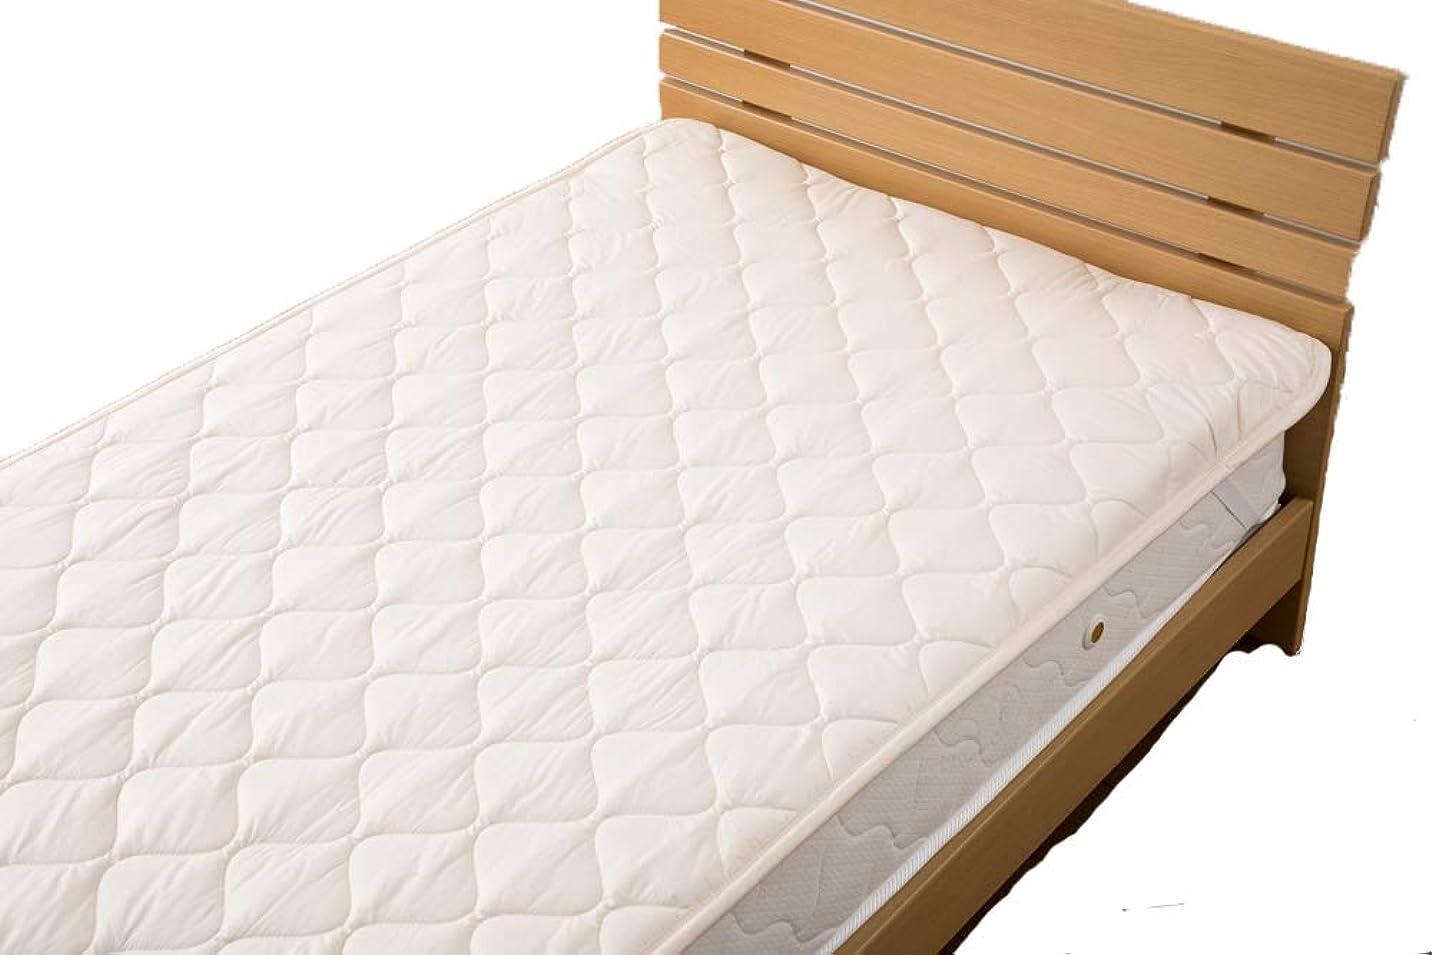 説教するブリード海洋国産 ウール100% 敷きパッド 丸洗い可能 吸水性あり 冬は暖かく 夏は涼しい ベッドパッド (120×200cm セミダブル(中綿:1.2kg))